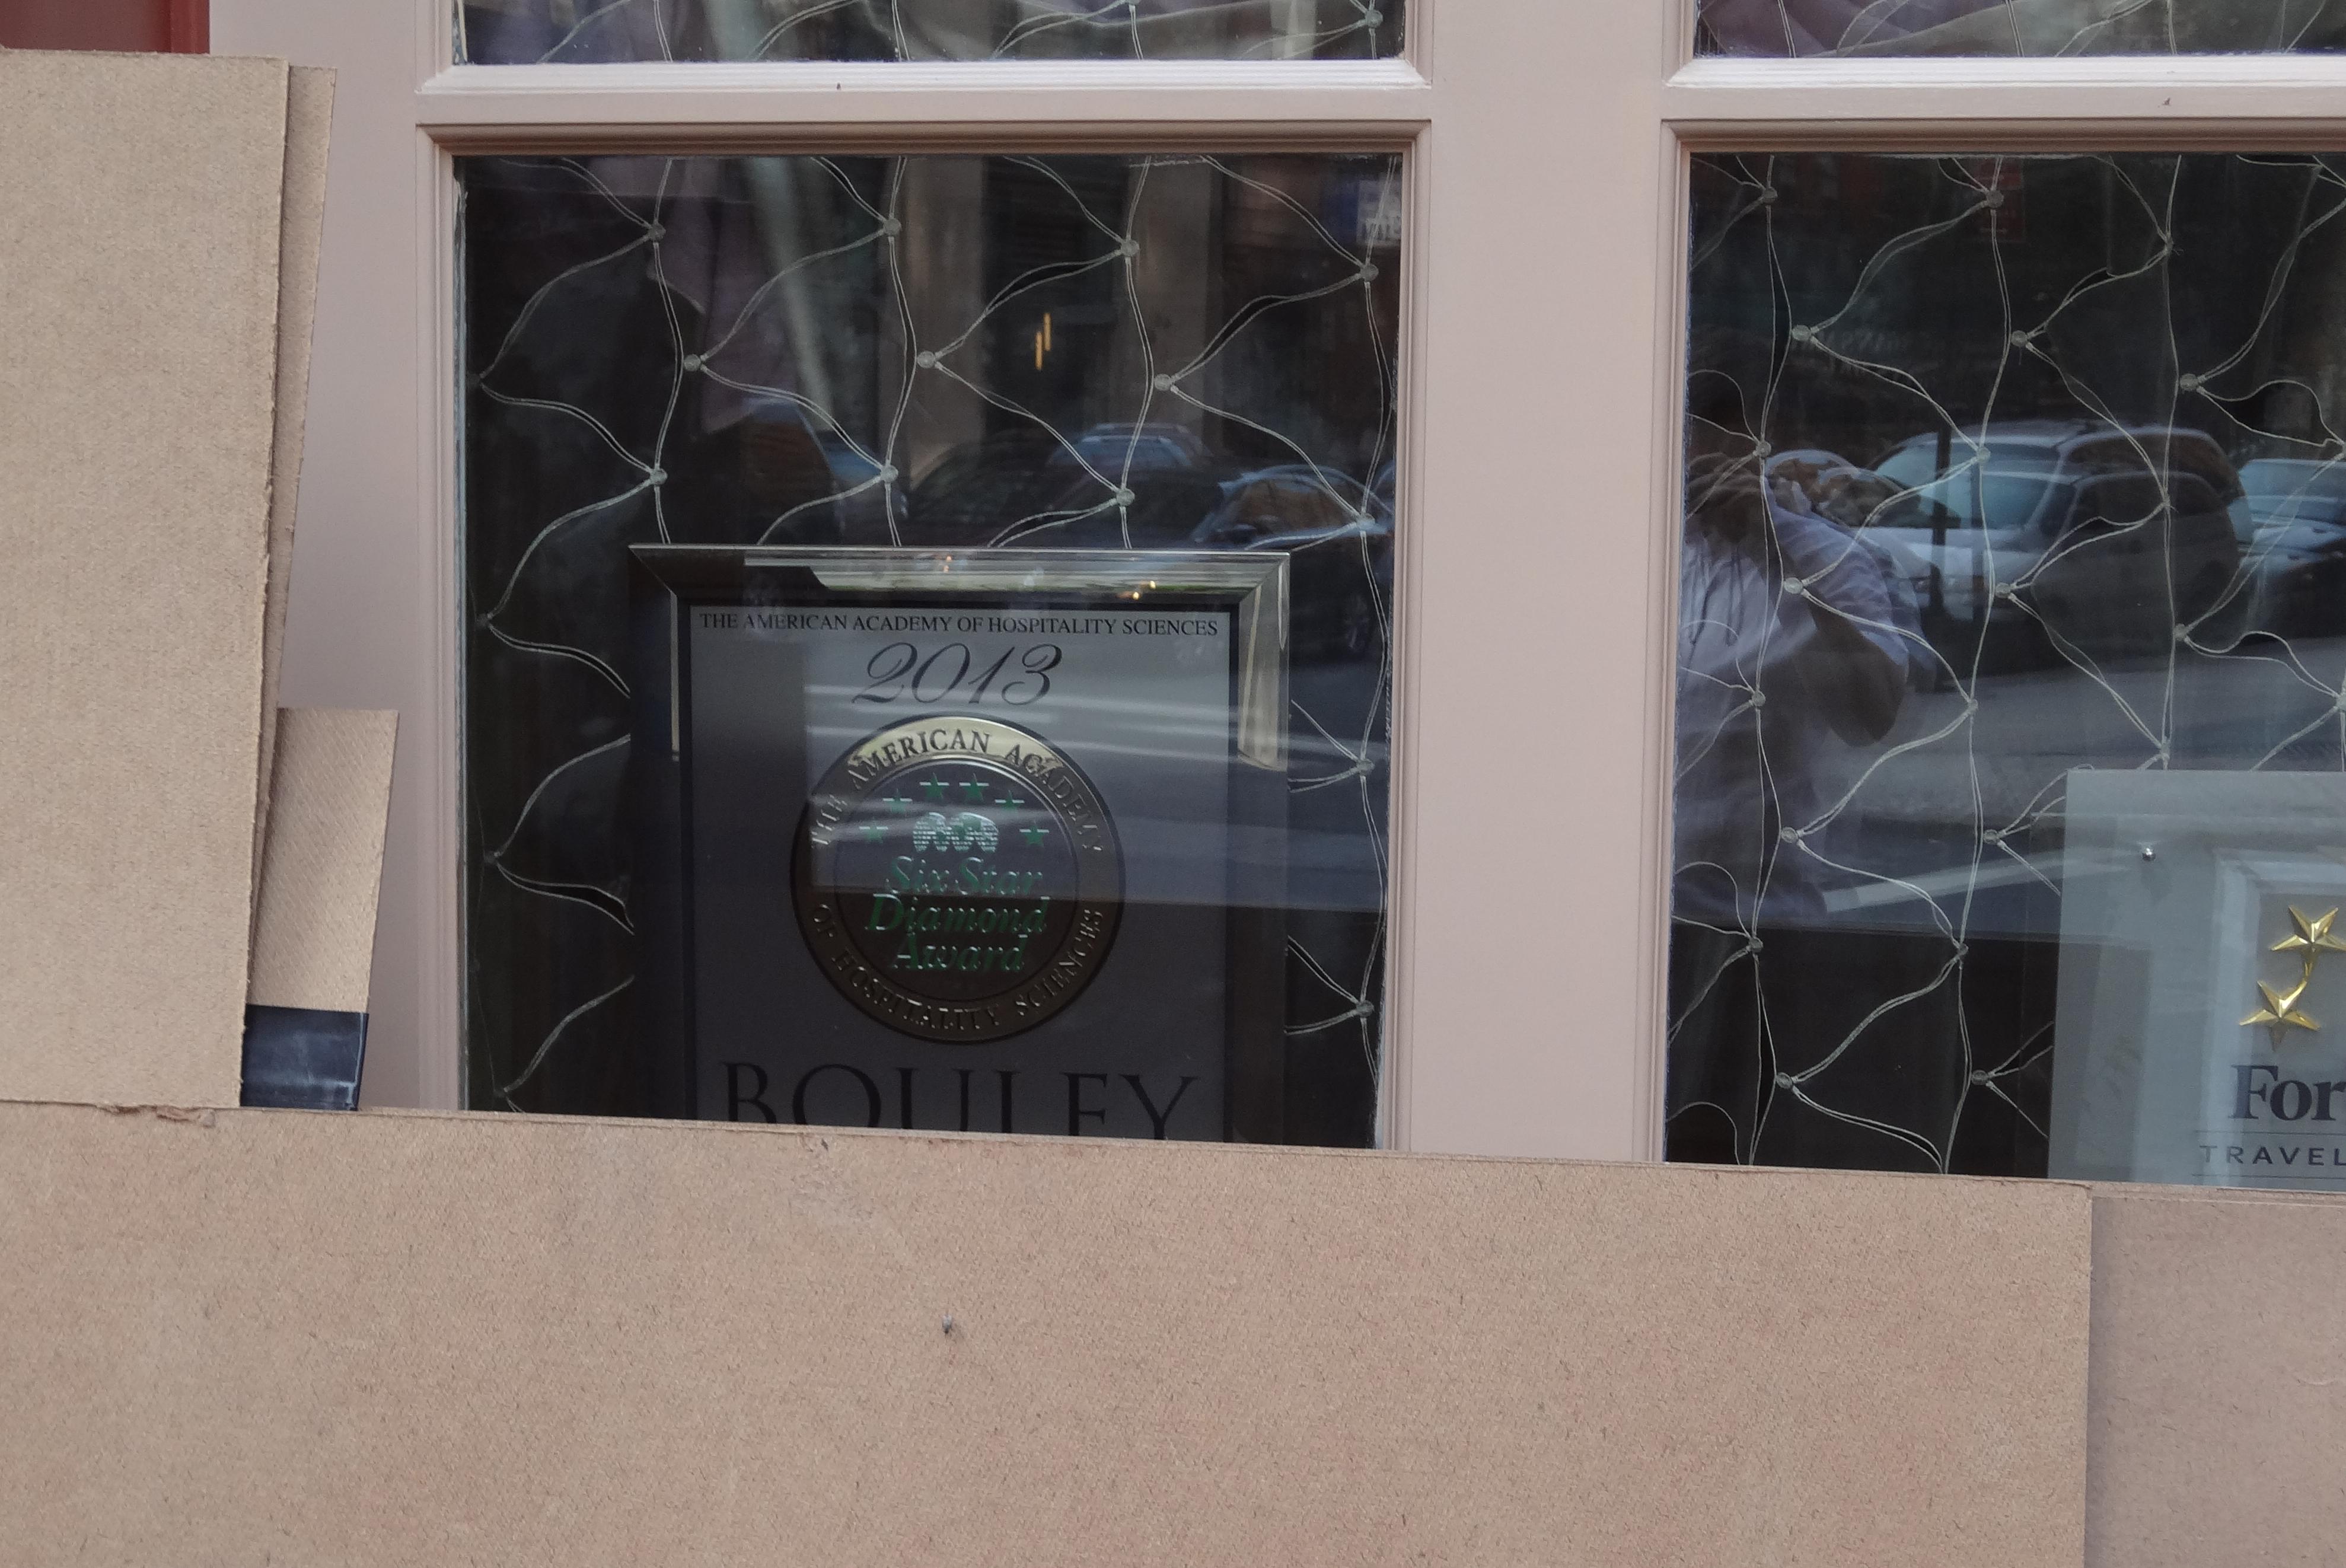 Bouley window